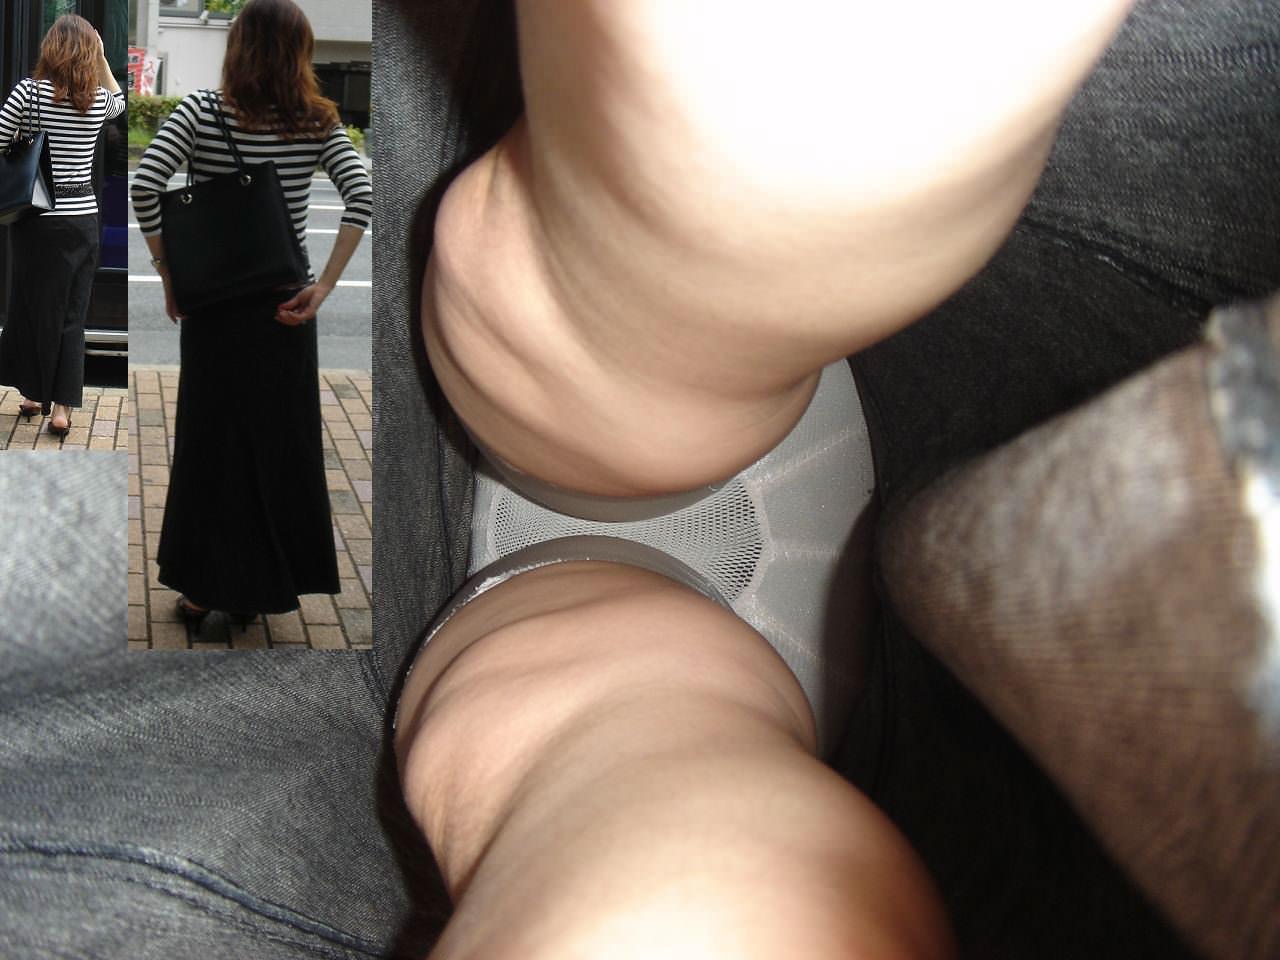 【素人盗撮】ガチで抜ける!!お姉さんの立ち姿と逆さパンチラが一緒になったするエロ画像 17...12